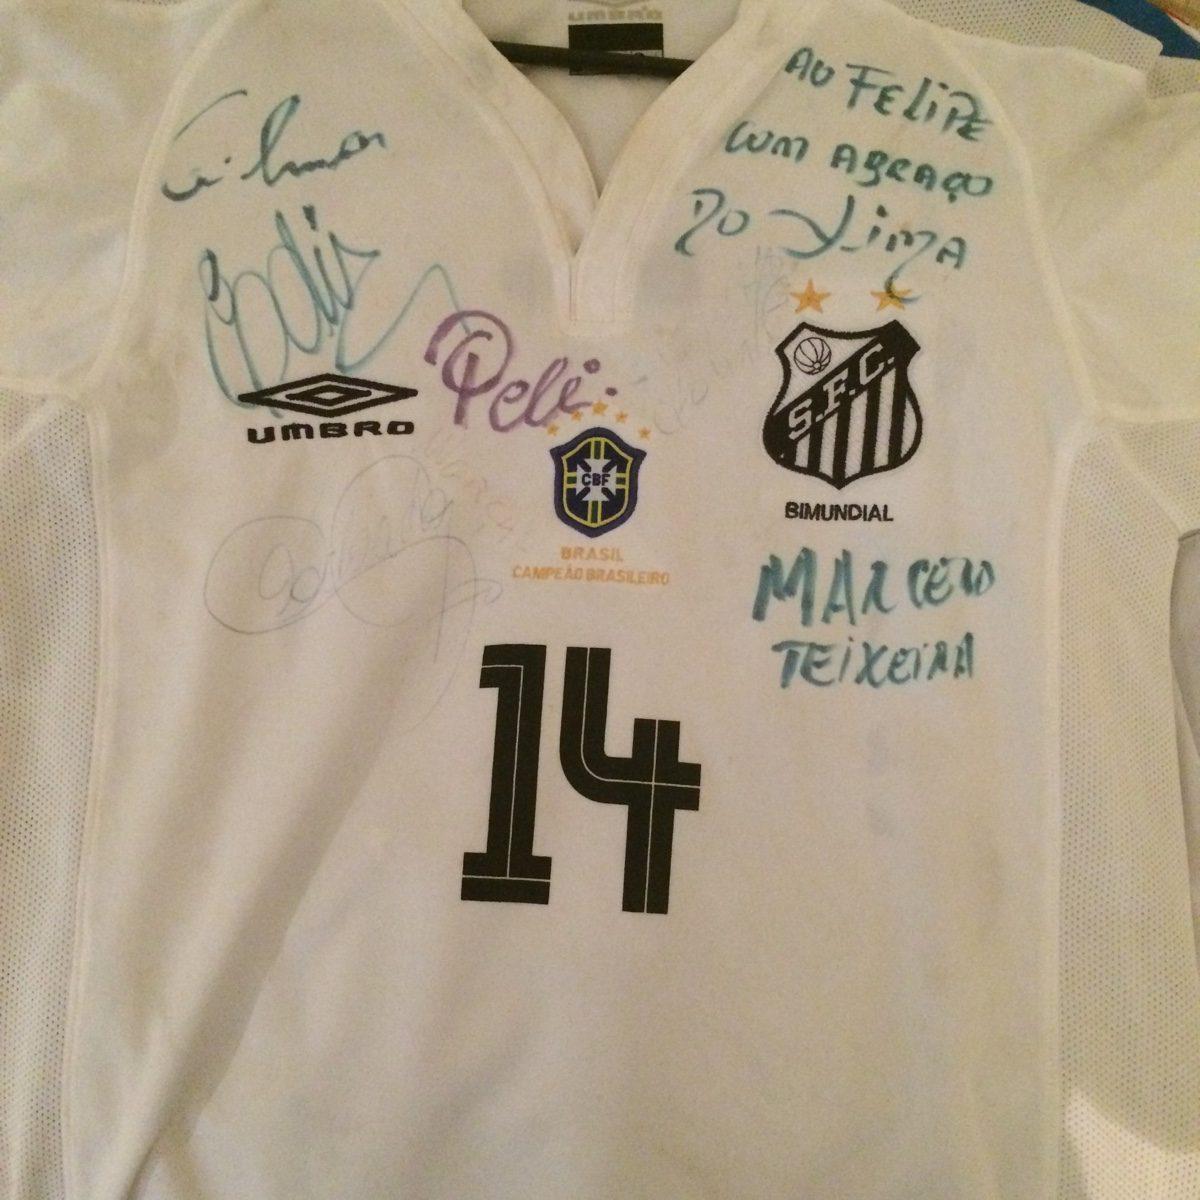 457f3a114d Camiseta Autografada Do Santos - Pelé